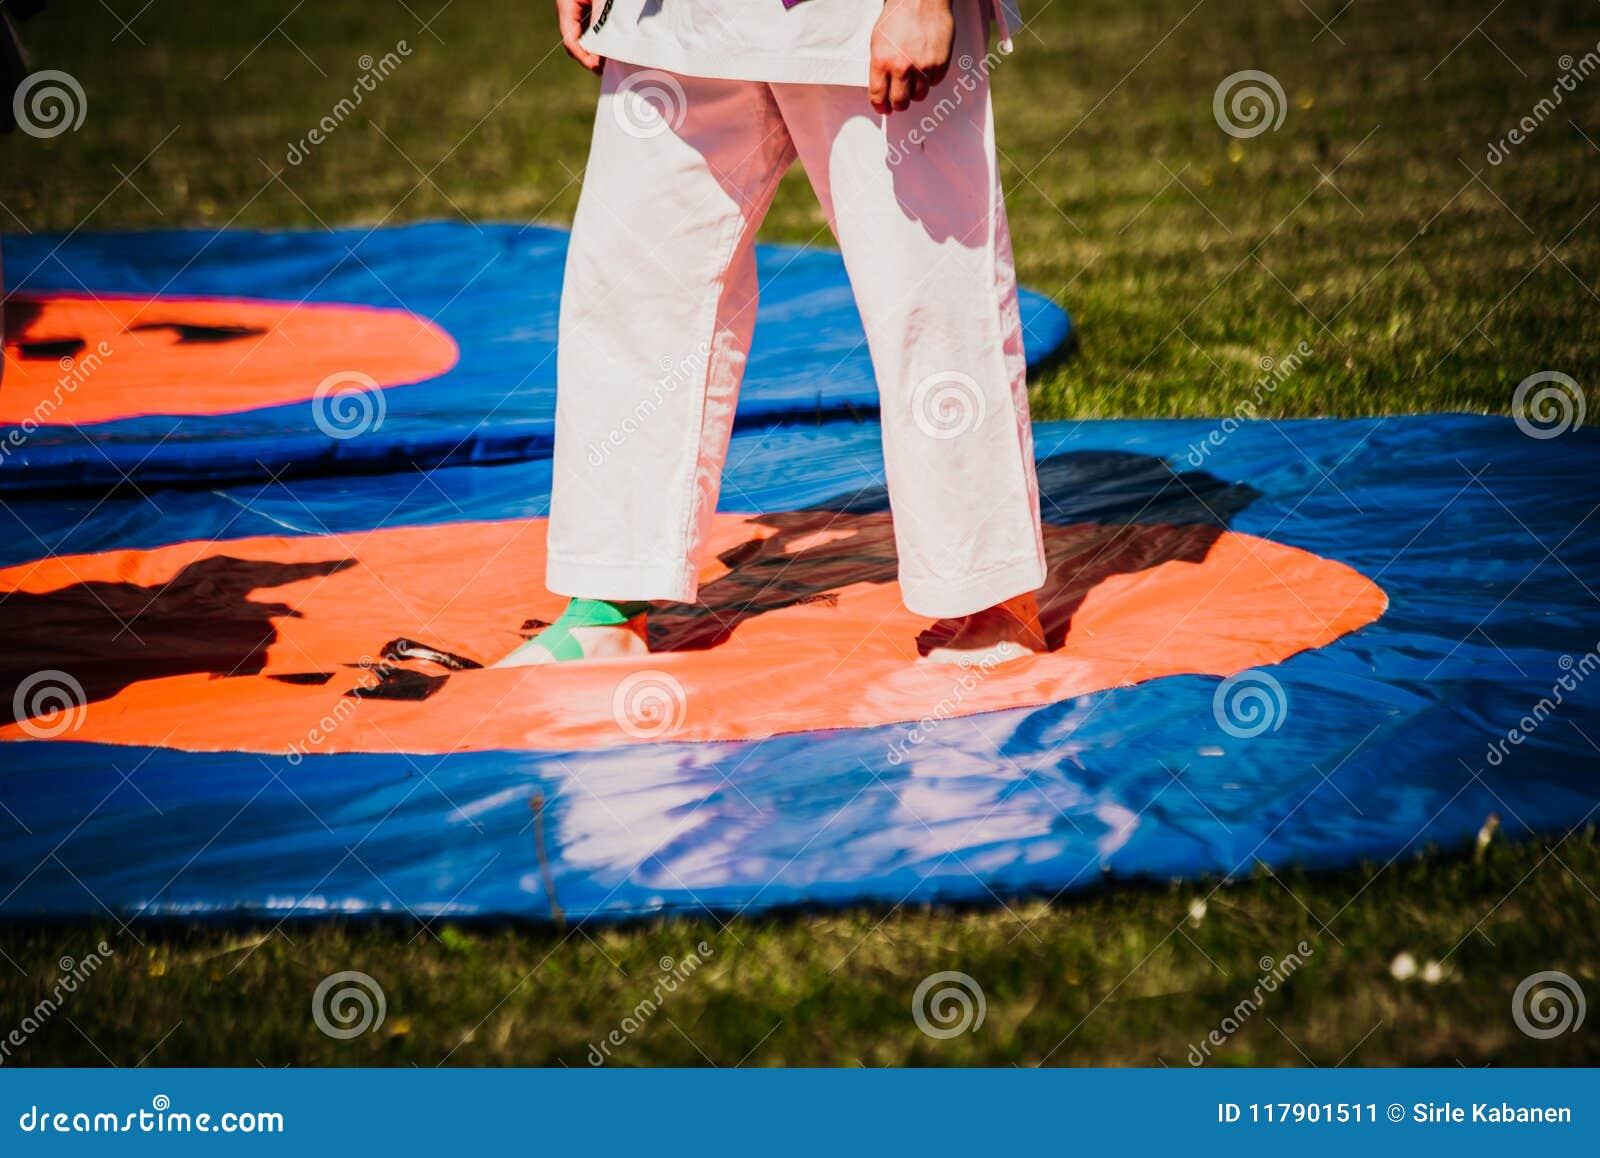 outdoor kids karate judo in action